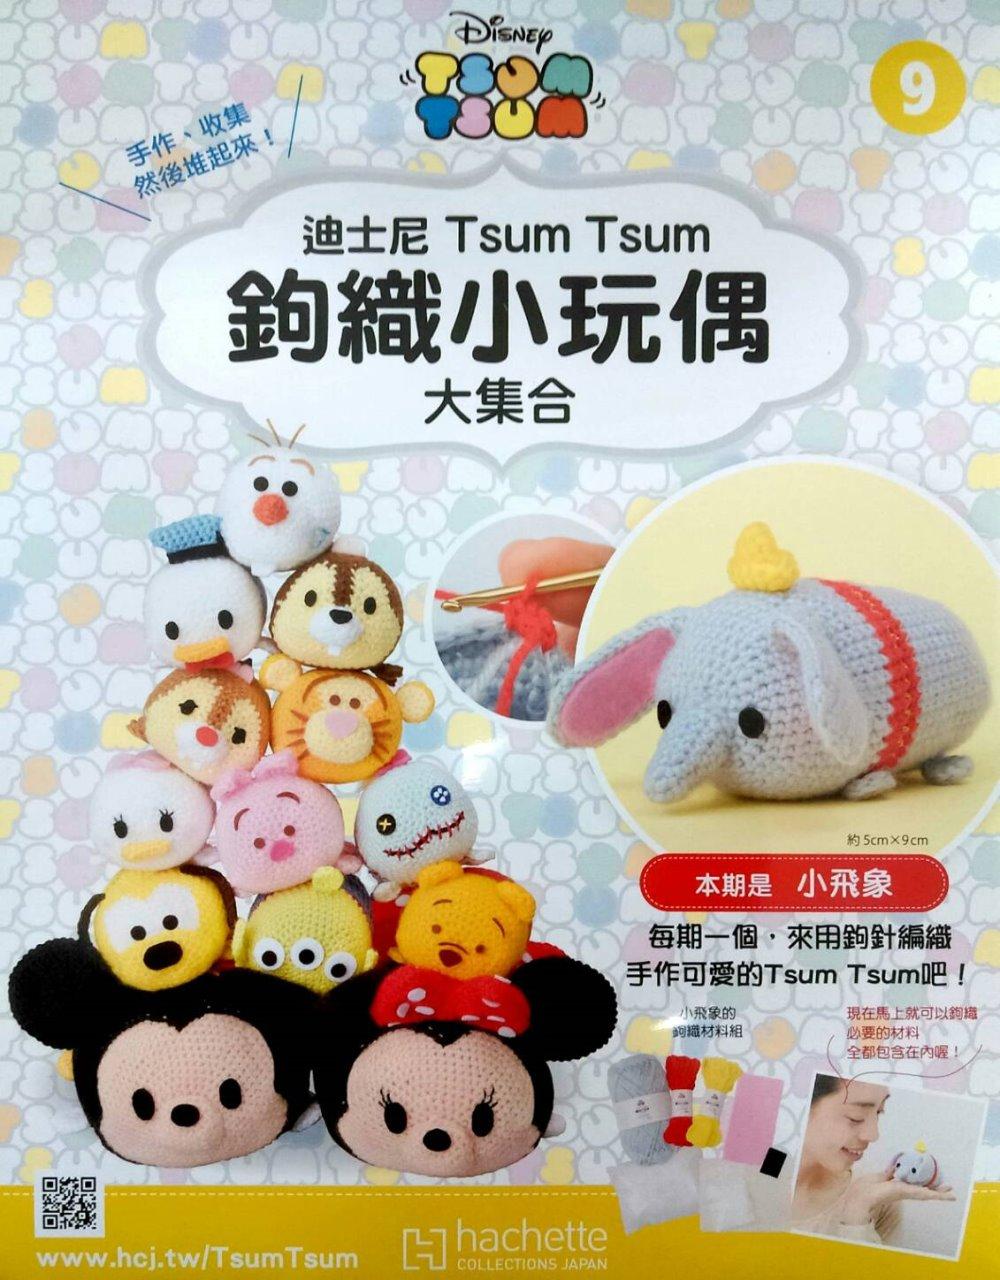 迪士尼TsumTsum 鉤織小玩偶 大集合 2018/1/3第9期